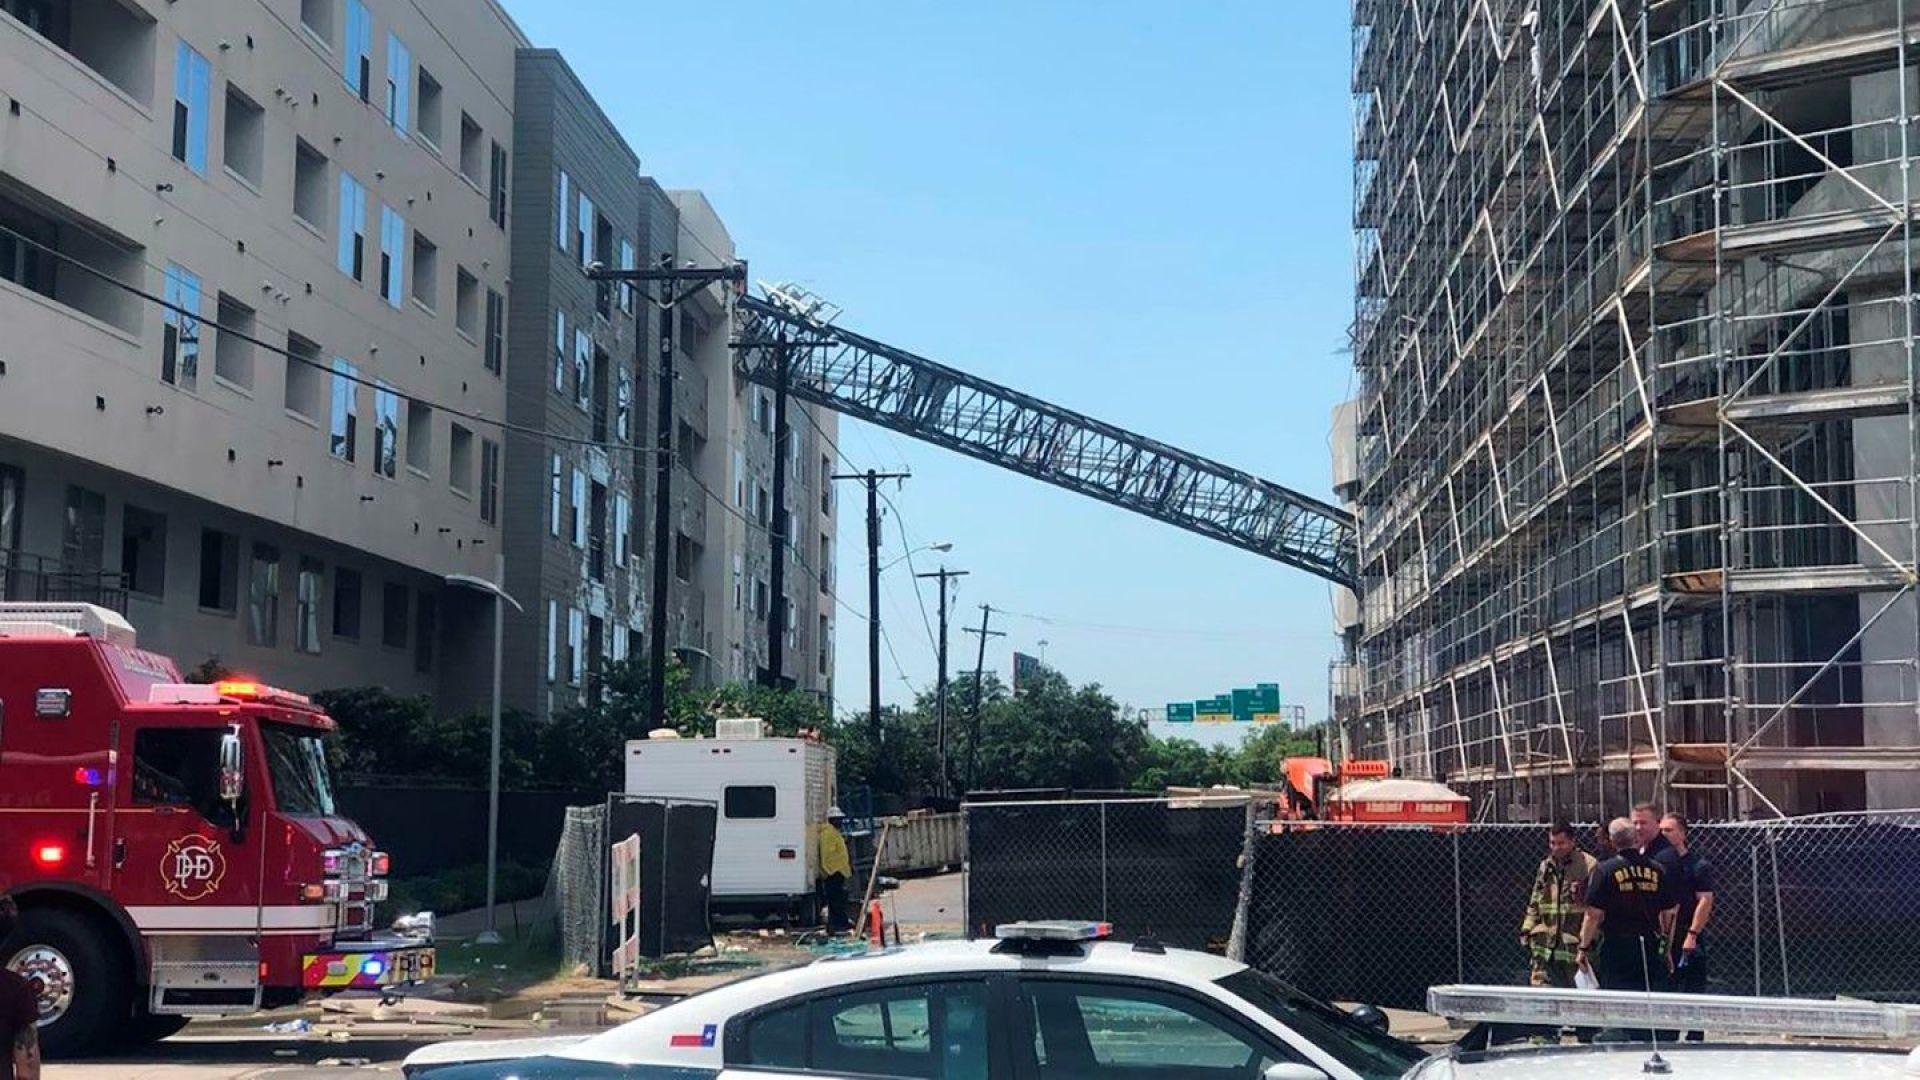 Един човек загина, а шестима бяха ранени при падане на кран в Далас